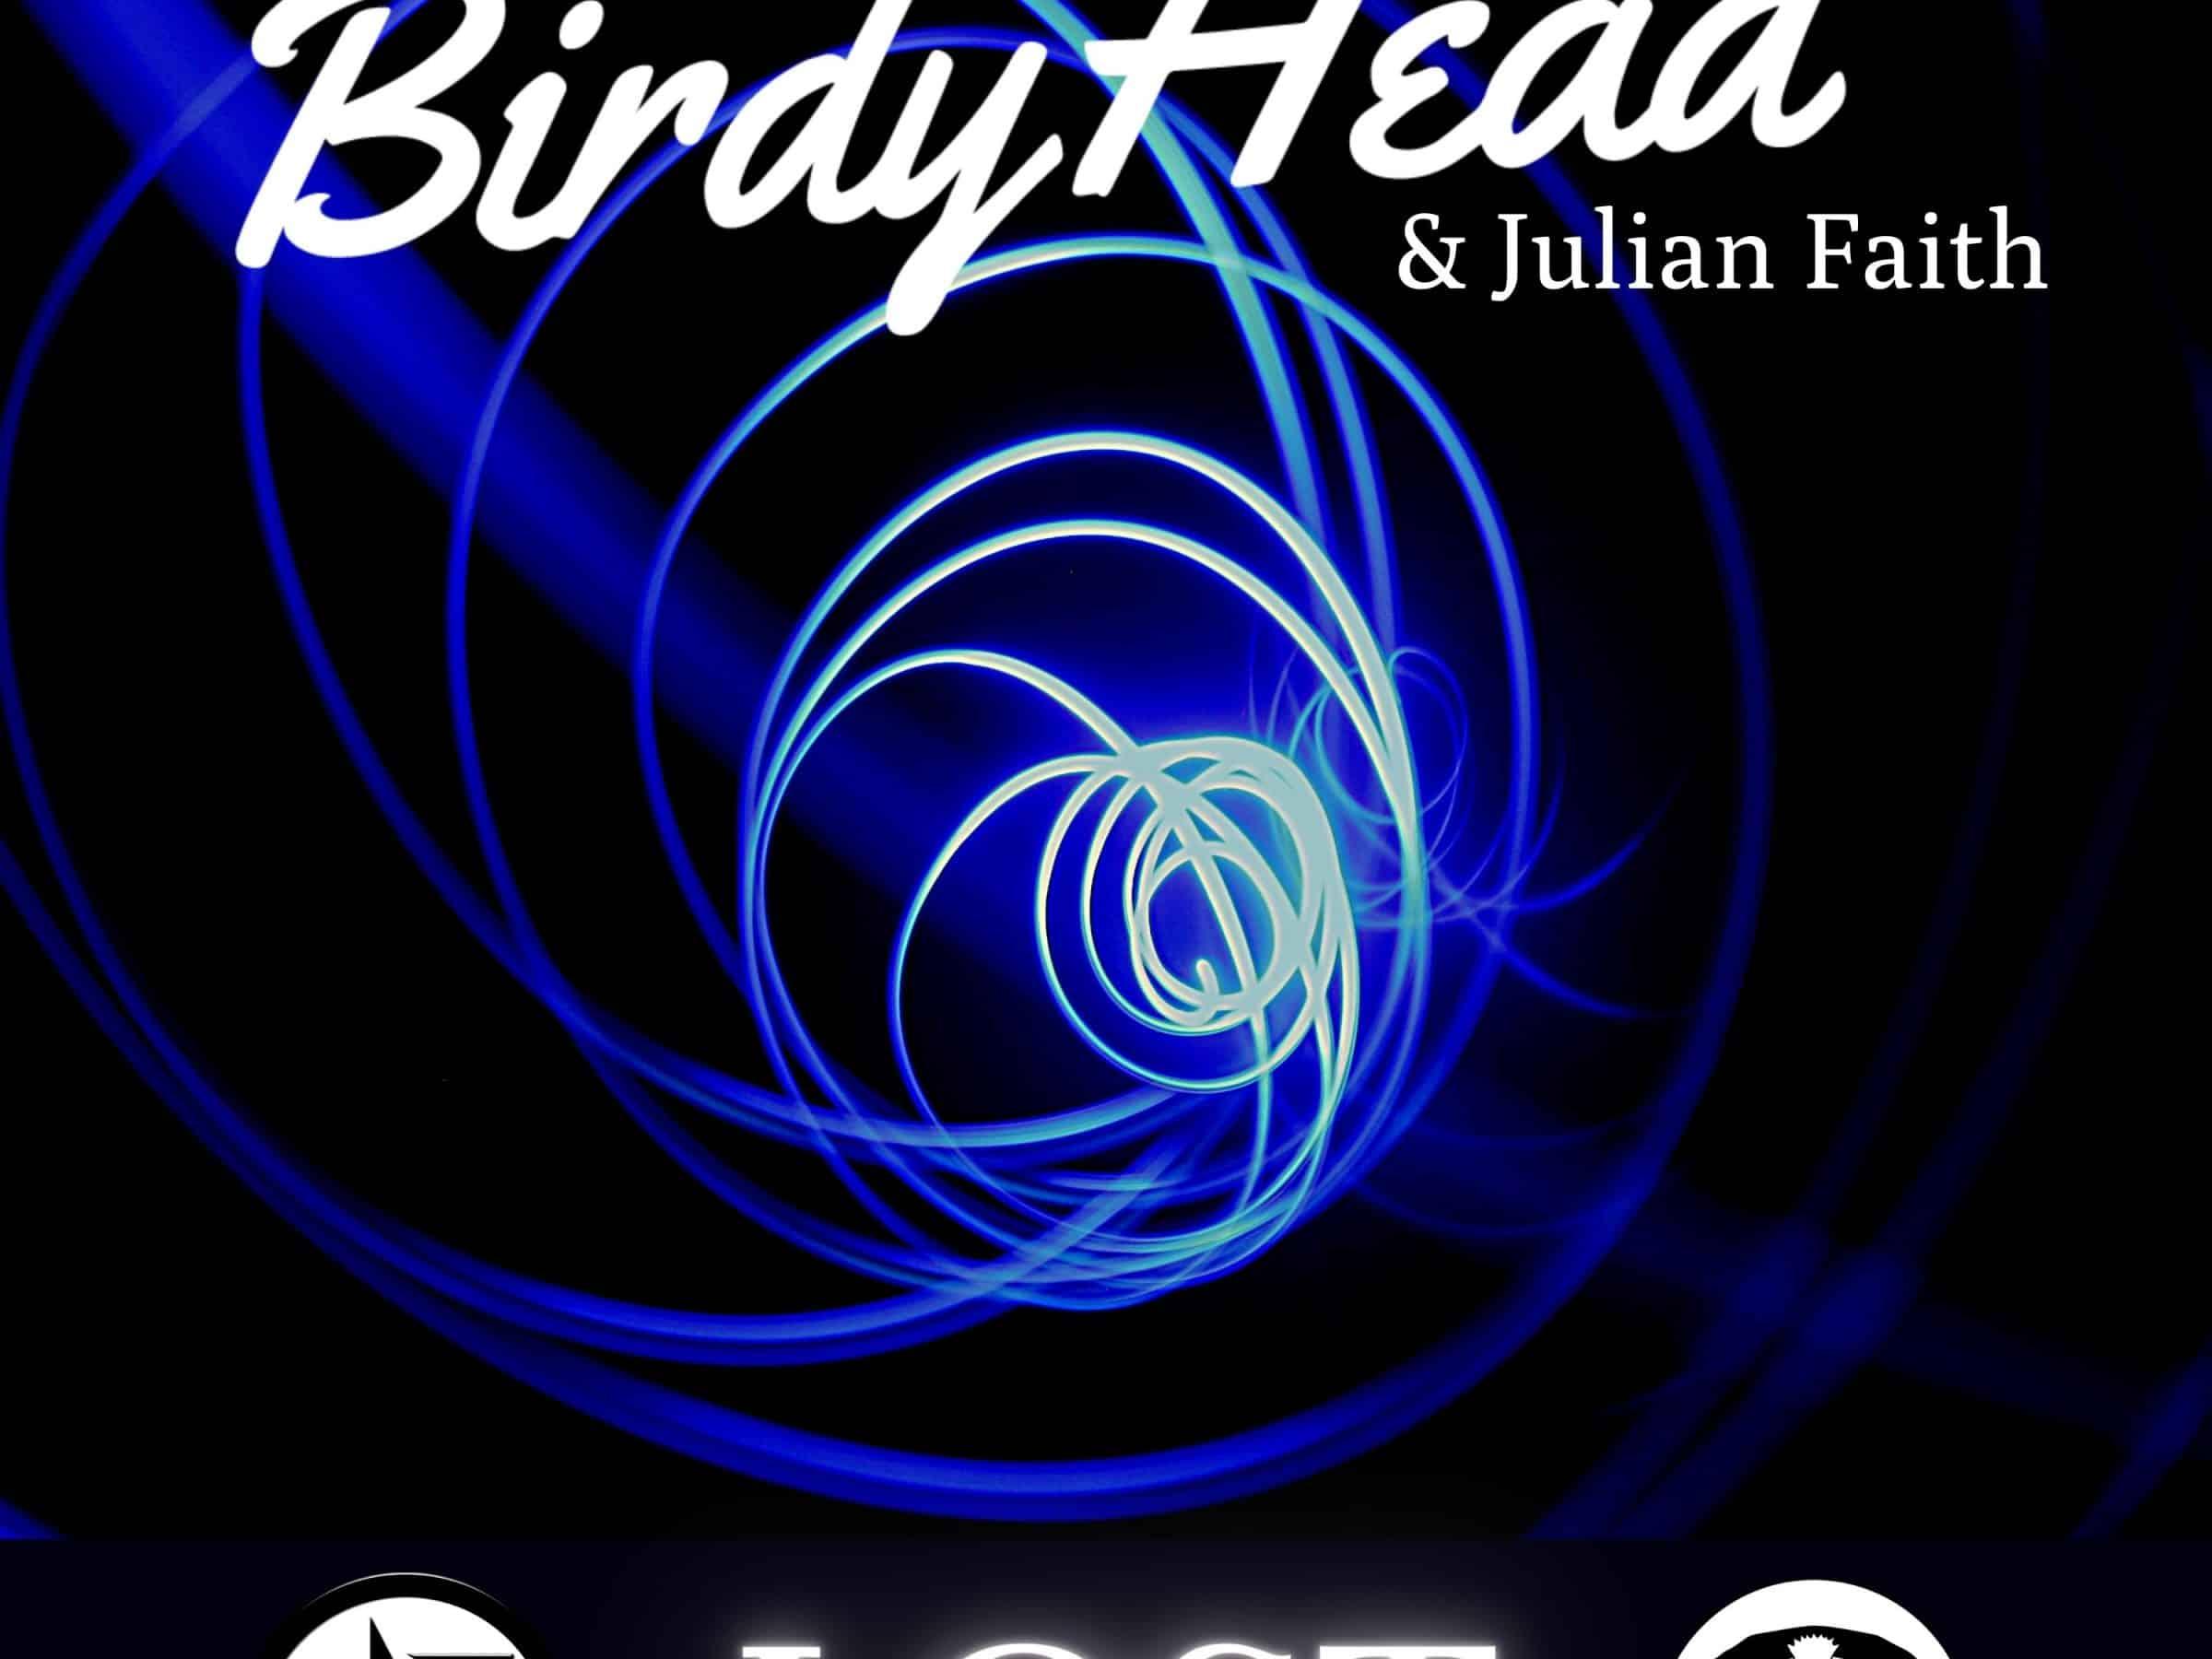 BirdyHead & Julian Faith - Lost cover art